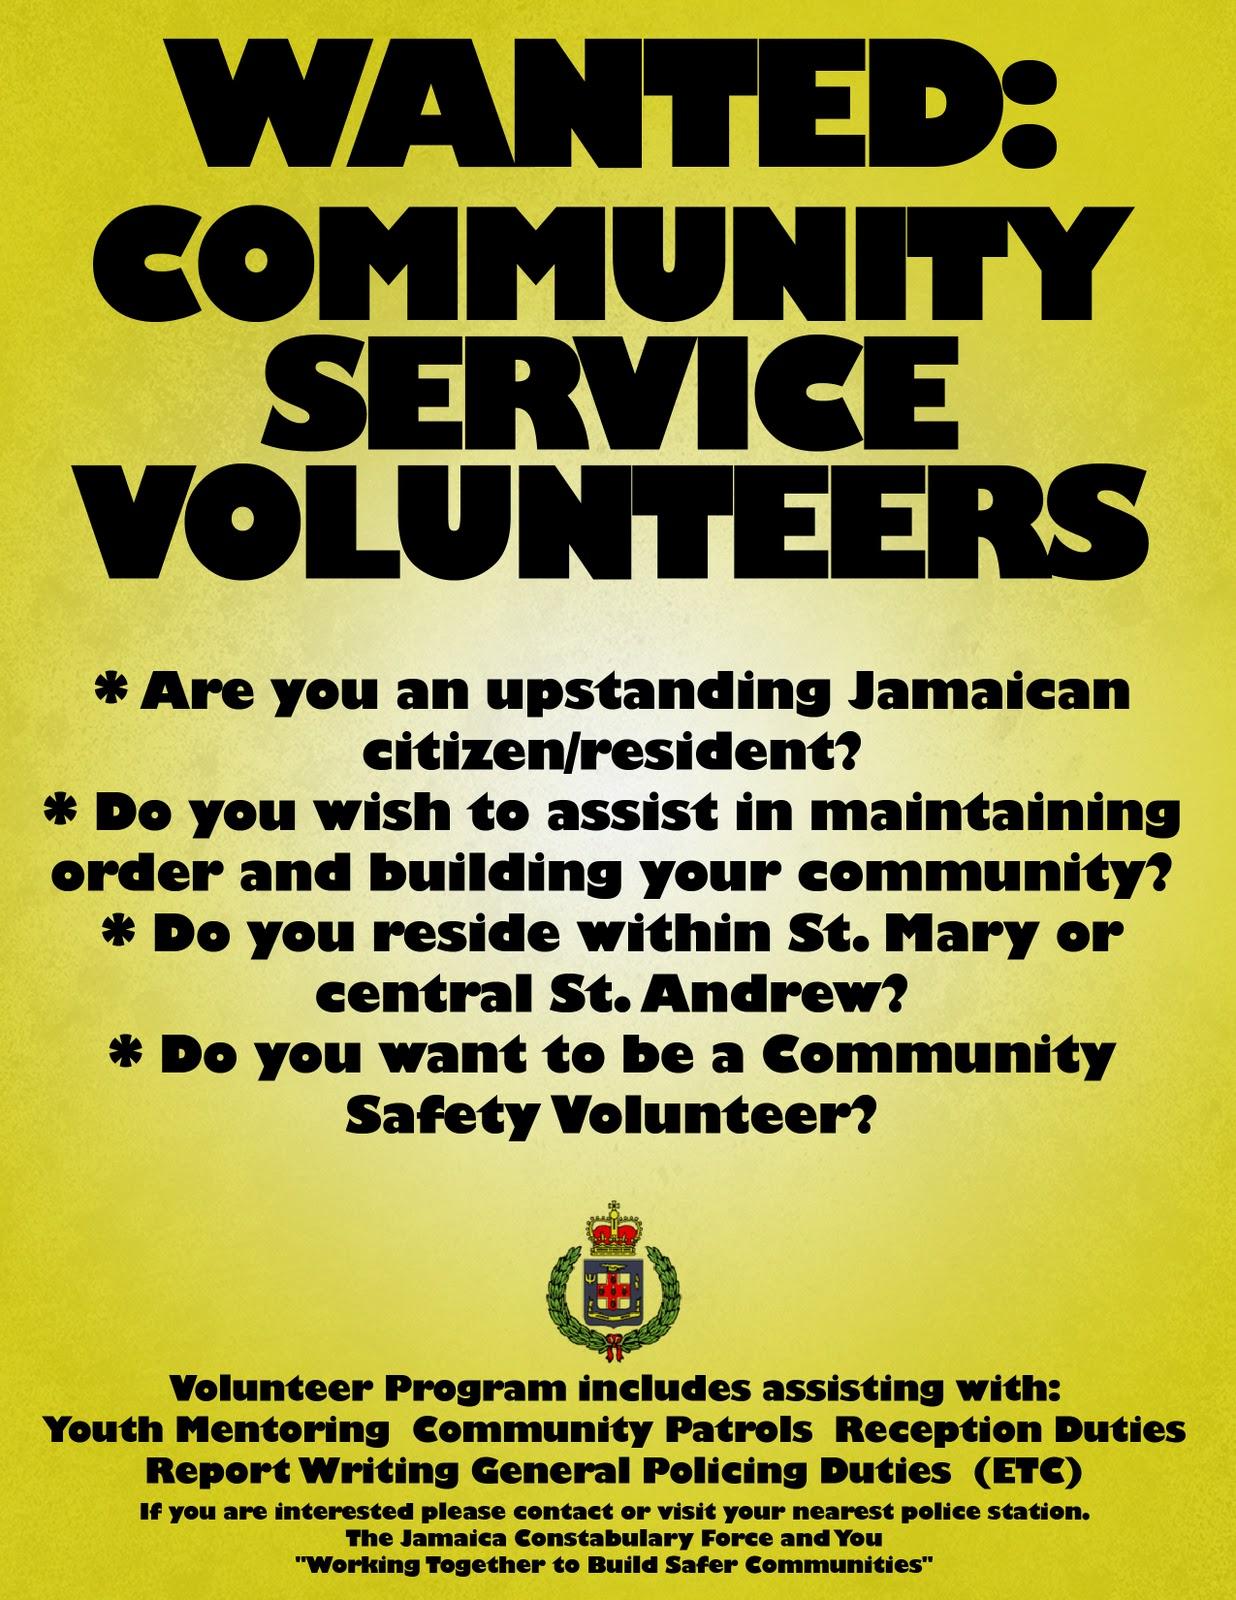 Volunteer Flyer Templates Volunteer Flyer Template Yourweek - Volunteer flyer template